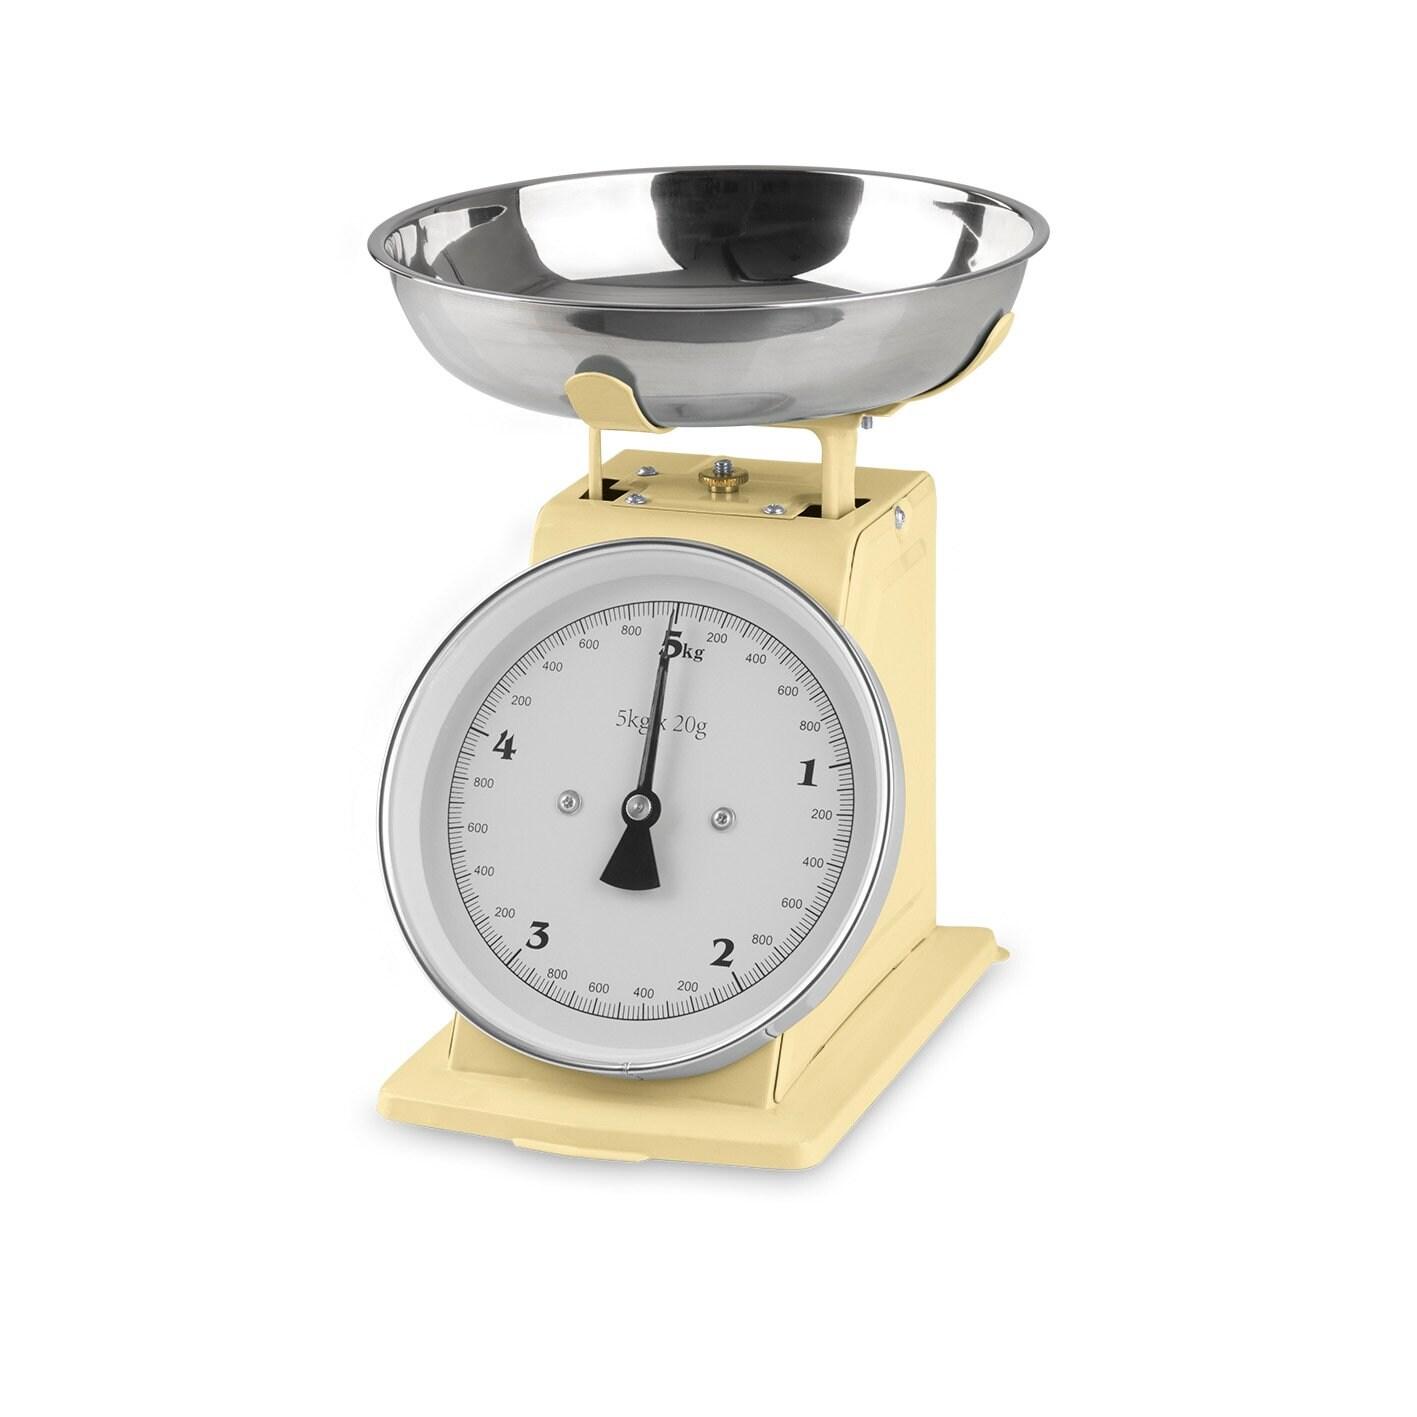 GOURMETmaxx Küchenwaage Retro in Vanille